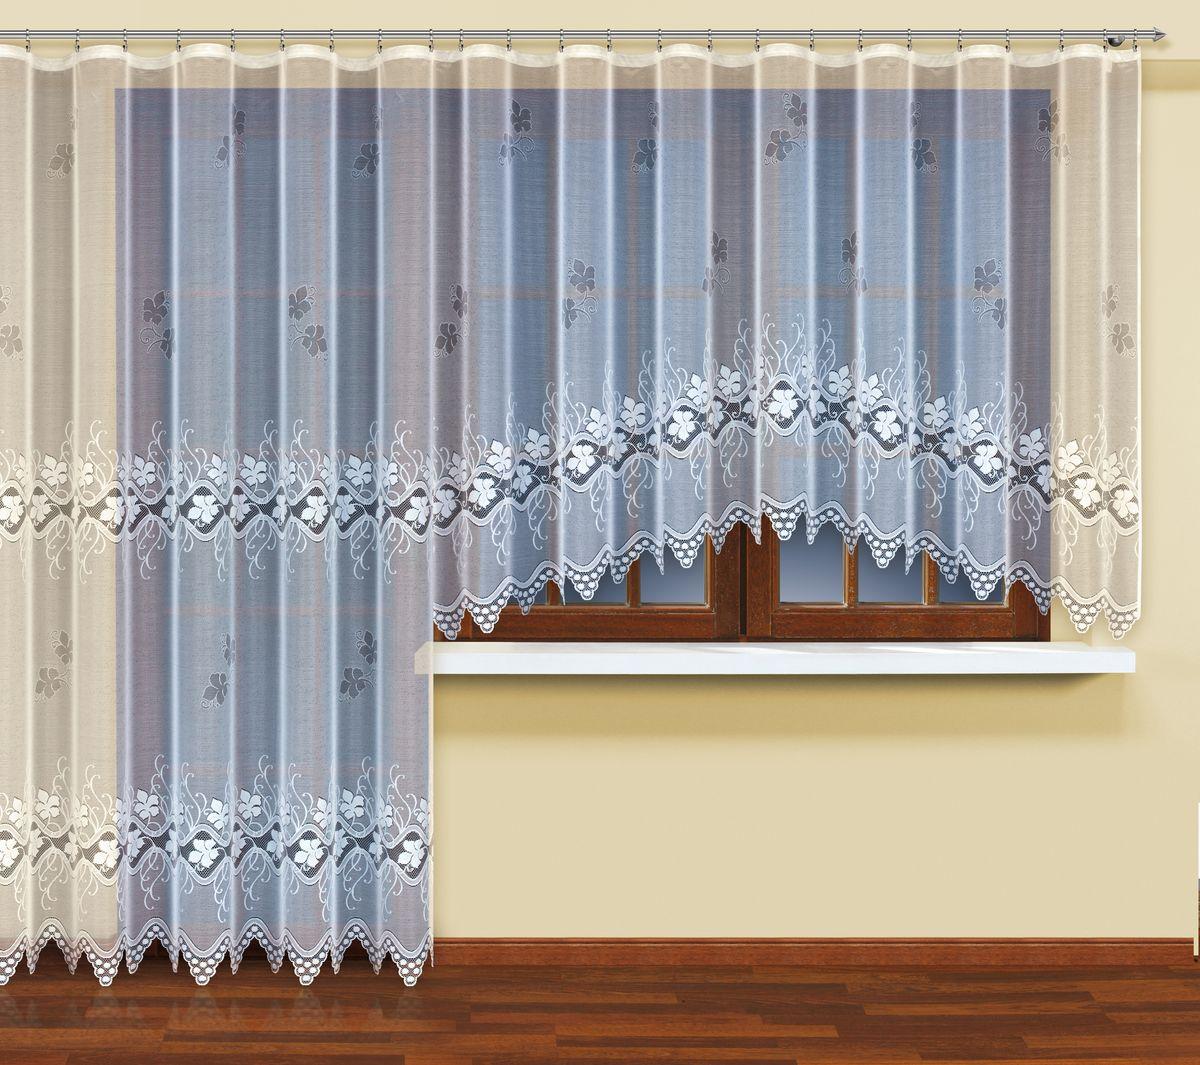 Комплект балконный HAFT 400*160+200*250. 222571222571Комплект балконный XAFT 400*160+200*250. 222571 Материал: 100% п/э, размер: 400*160+200*250, цвет: белый